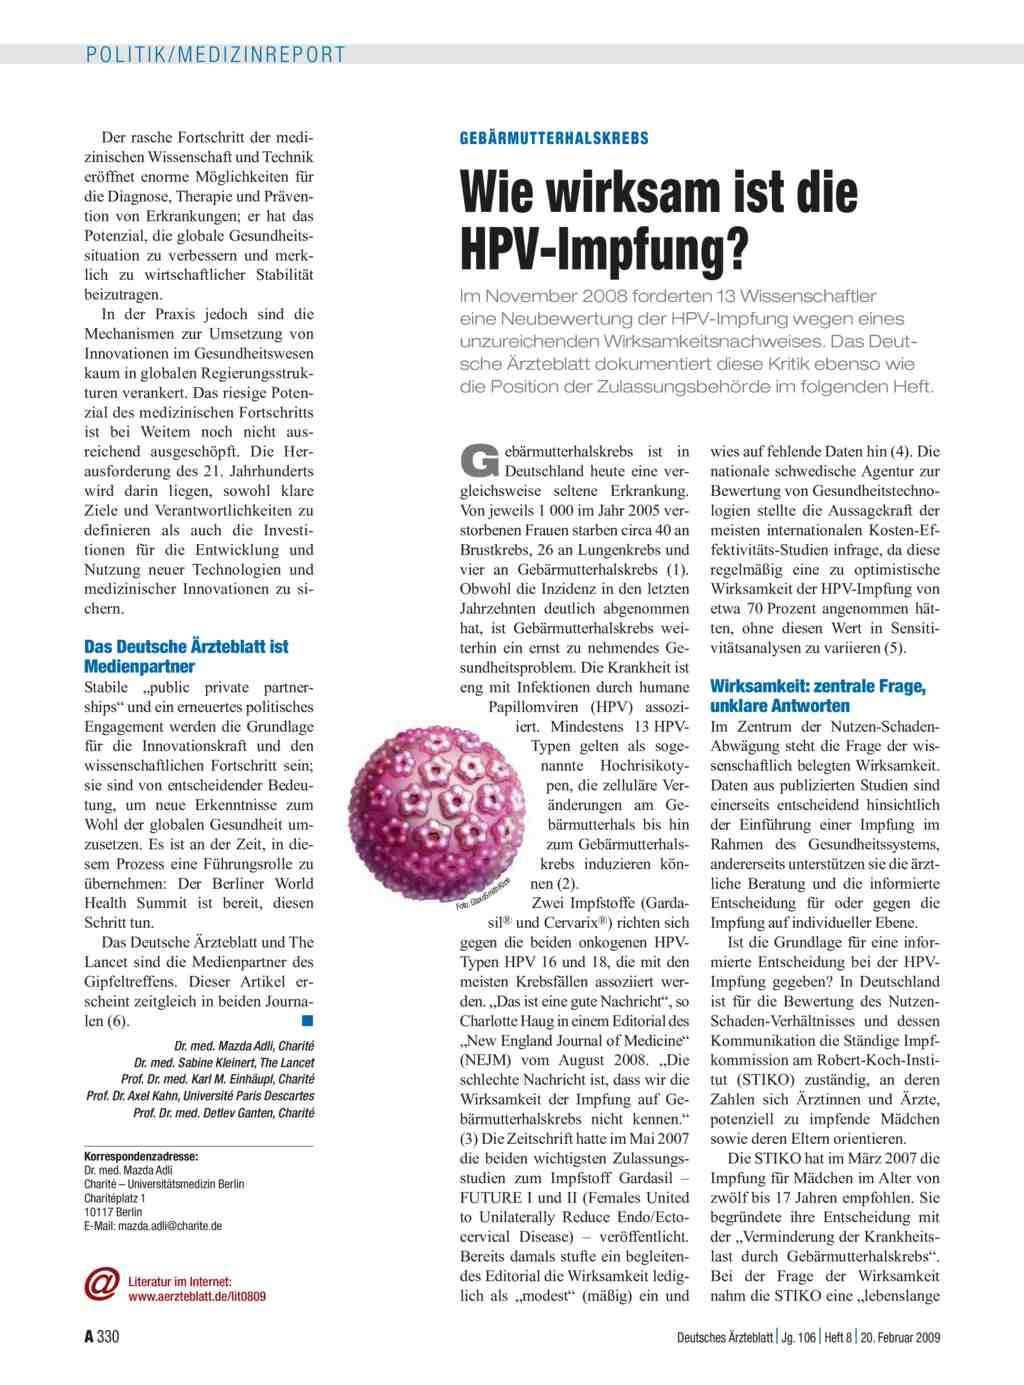 hpv vírus impfung